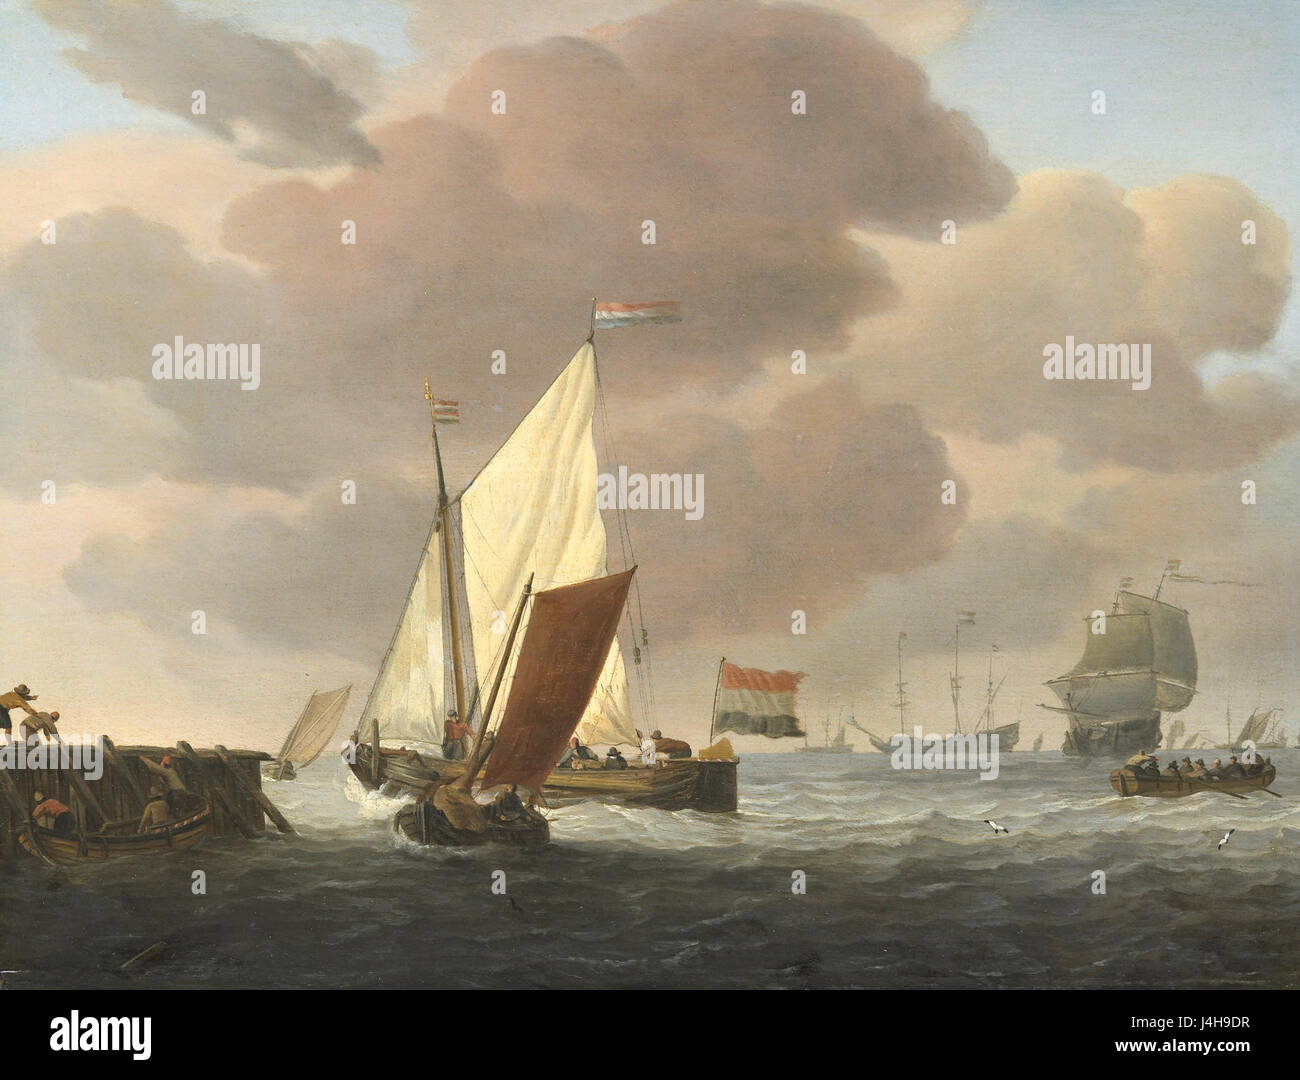 Löwener Voor de Kust Bij Flinke Bries Rijksmuseum SK pro 723 Stockbild